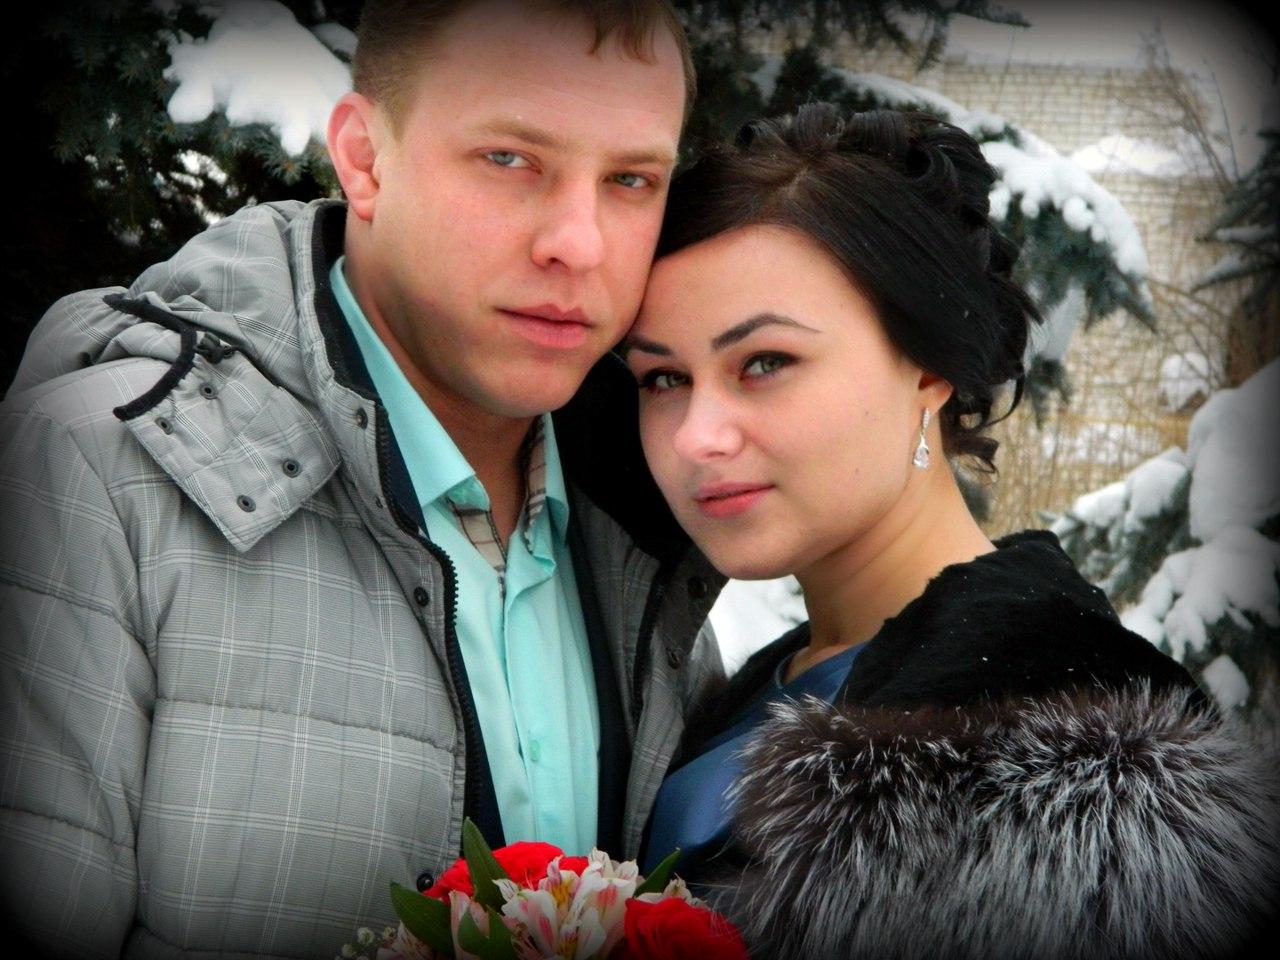 Семейная пара ищет любовника, Пары ищут мужчин в Краснодаре: объявления свинг 3 фотография